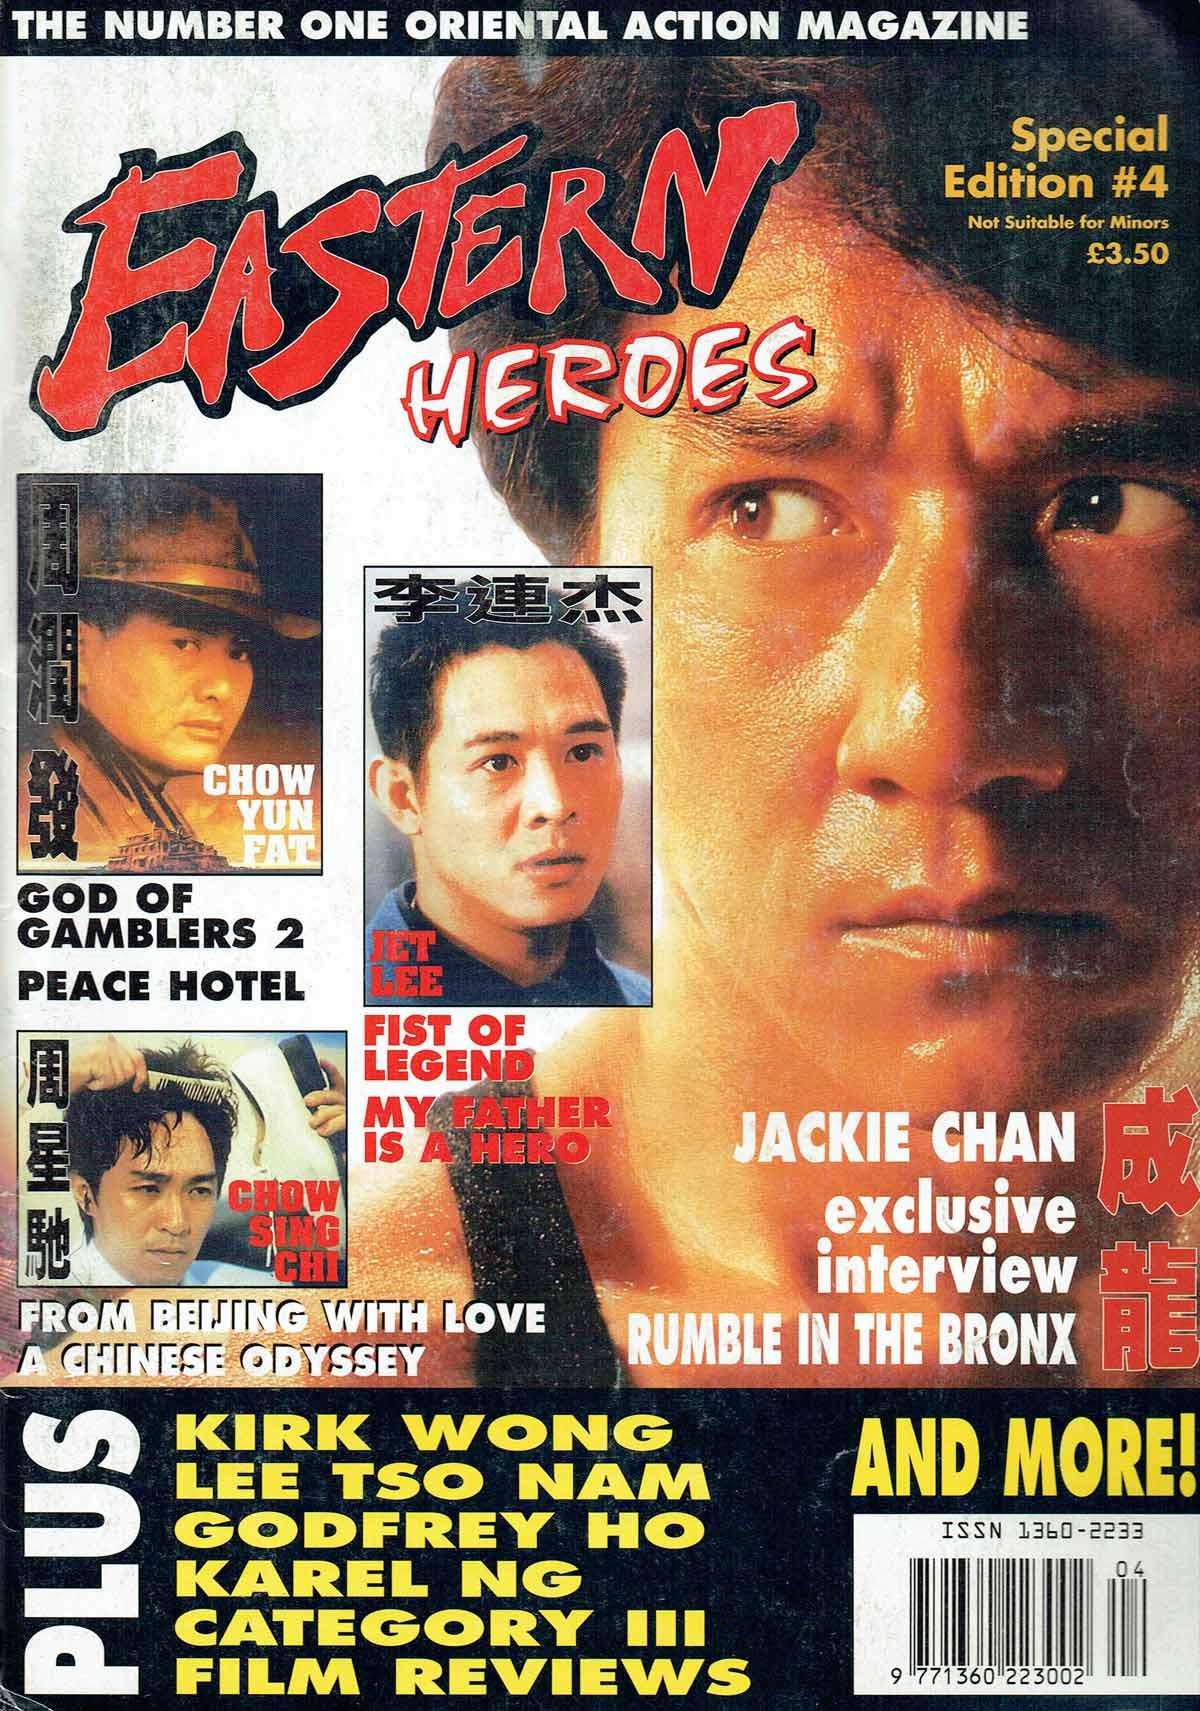 Eastern-Heroes-cover